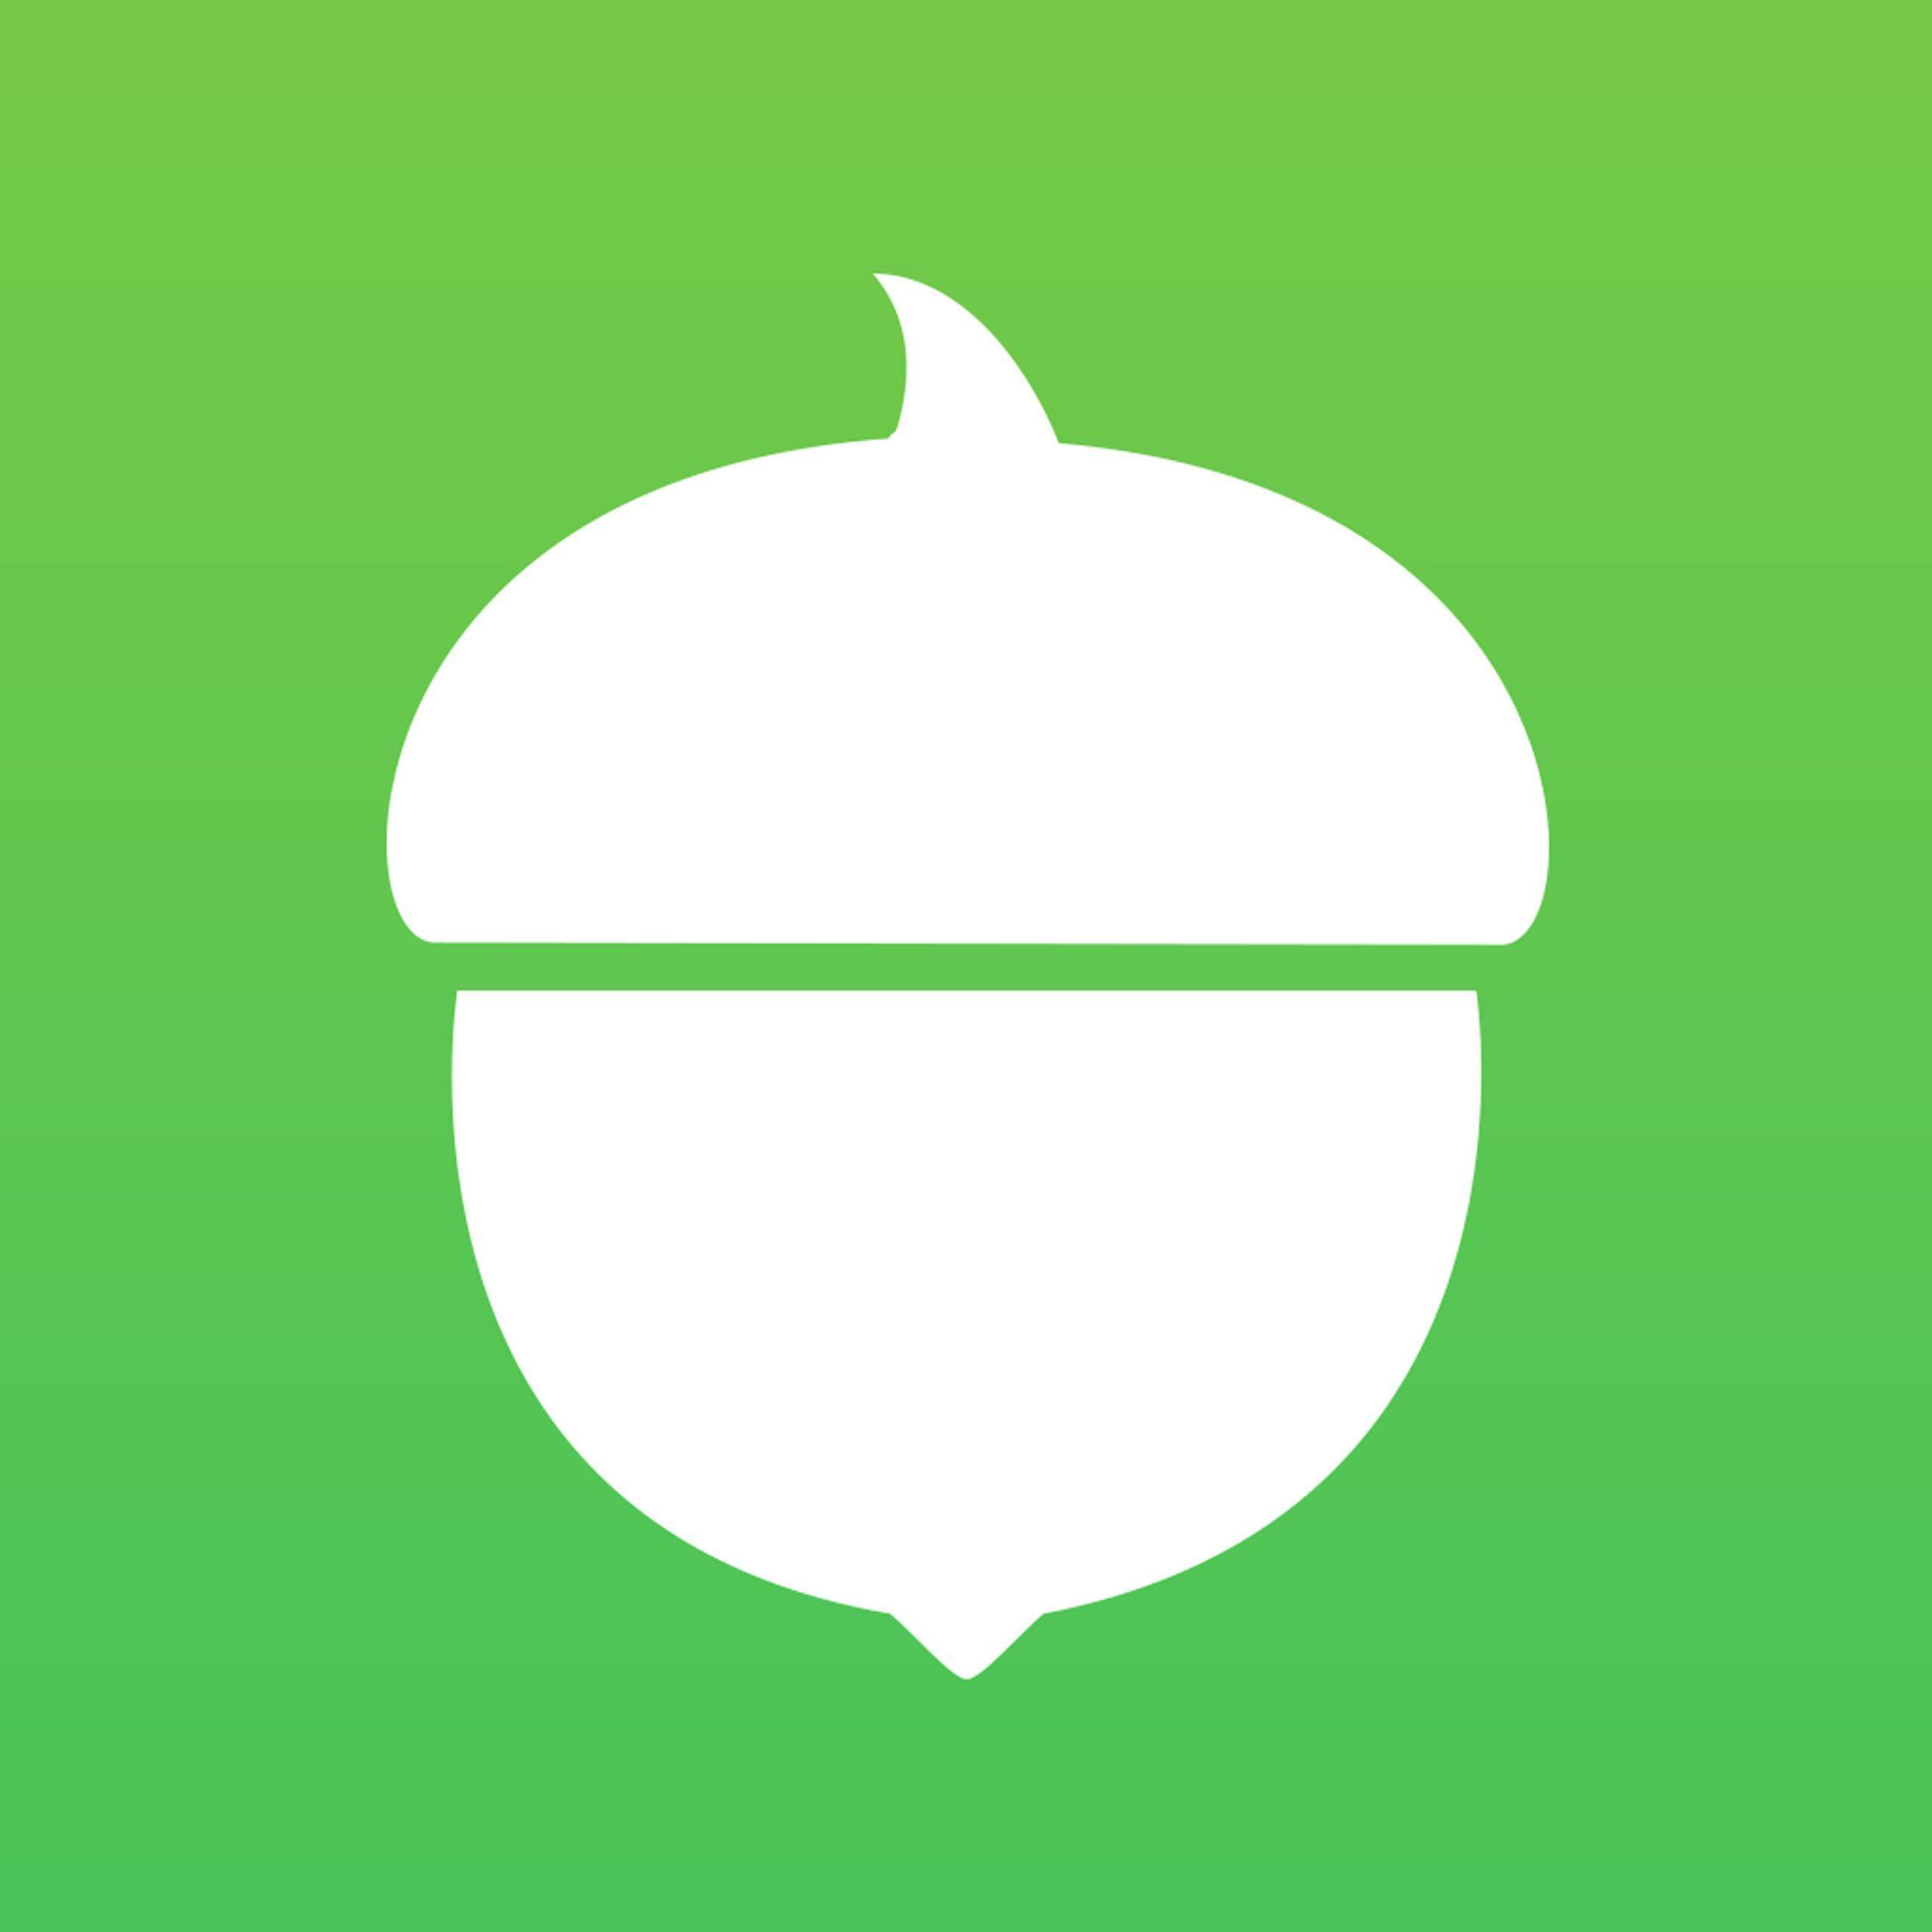 Acorns logo. (PRNewsFoto/Acorns Grow Inc.)